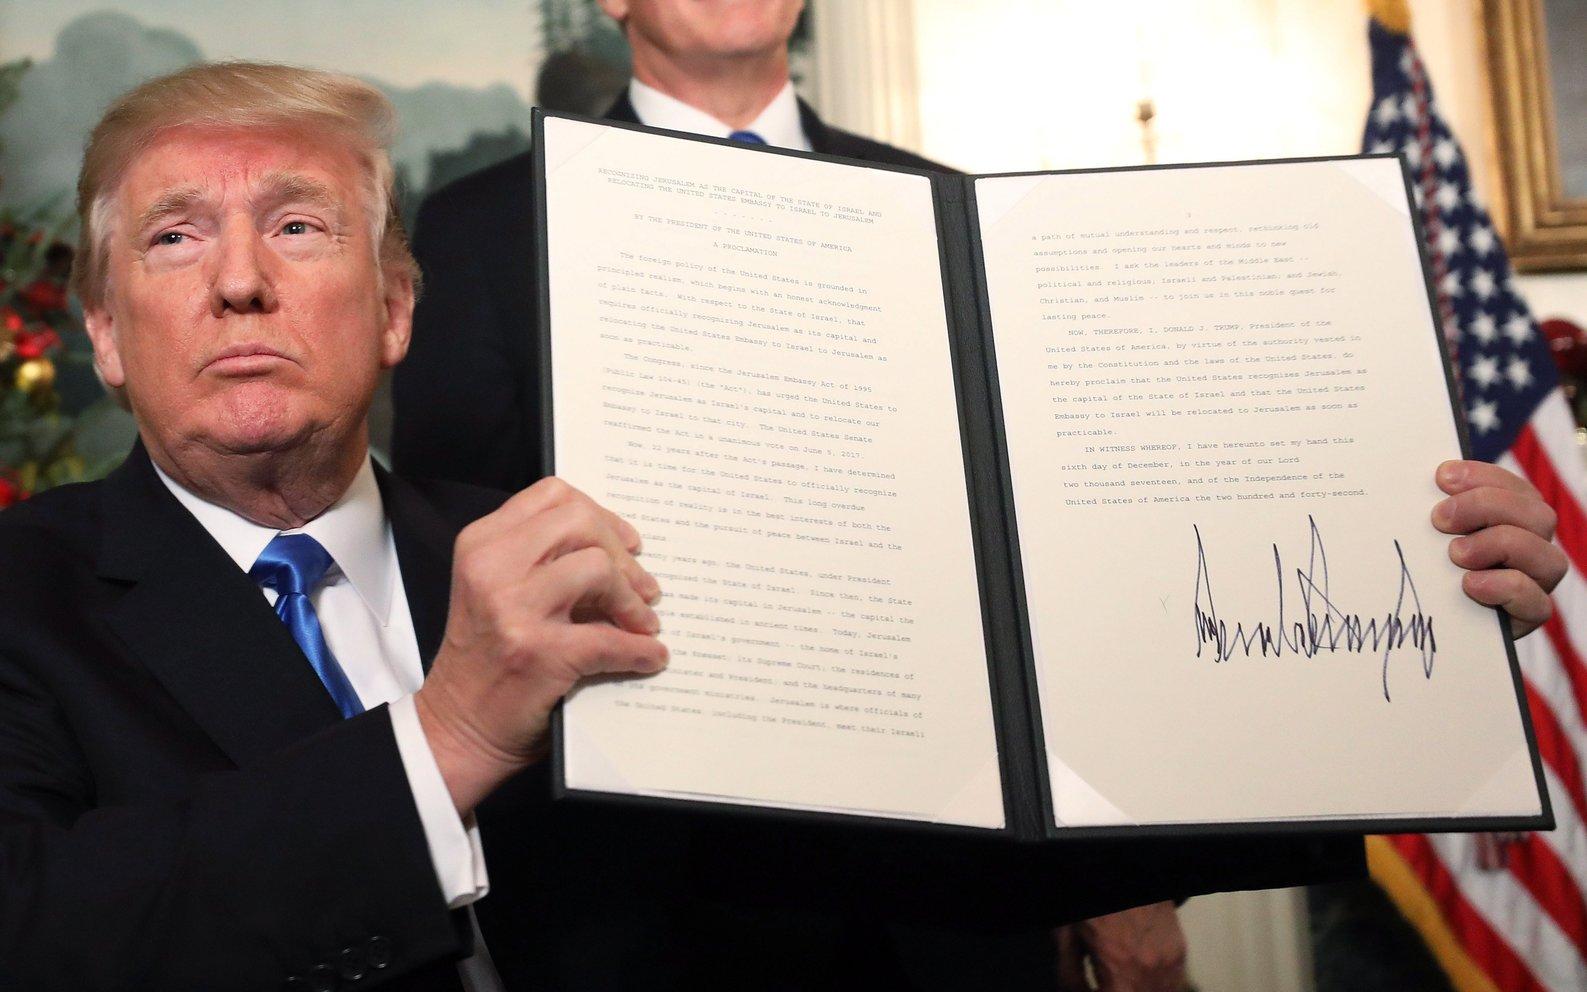 Donald Trump amerikai elnök mutatja az általa aláírt, Jeruzsálemet Izrael fővárosaként elismerő dekrétumot Mike Pence alelnök jelenlétében a washingtoni Fehér Házban 2017. december 6-án. (MTI/AP/Evan Vucci)